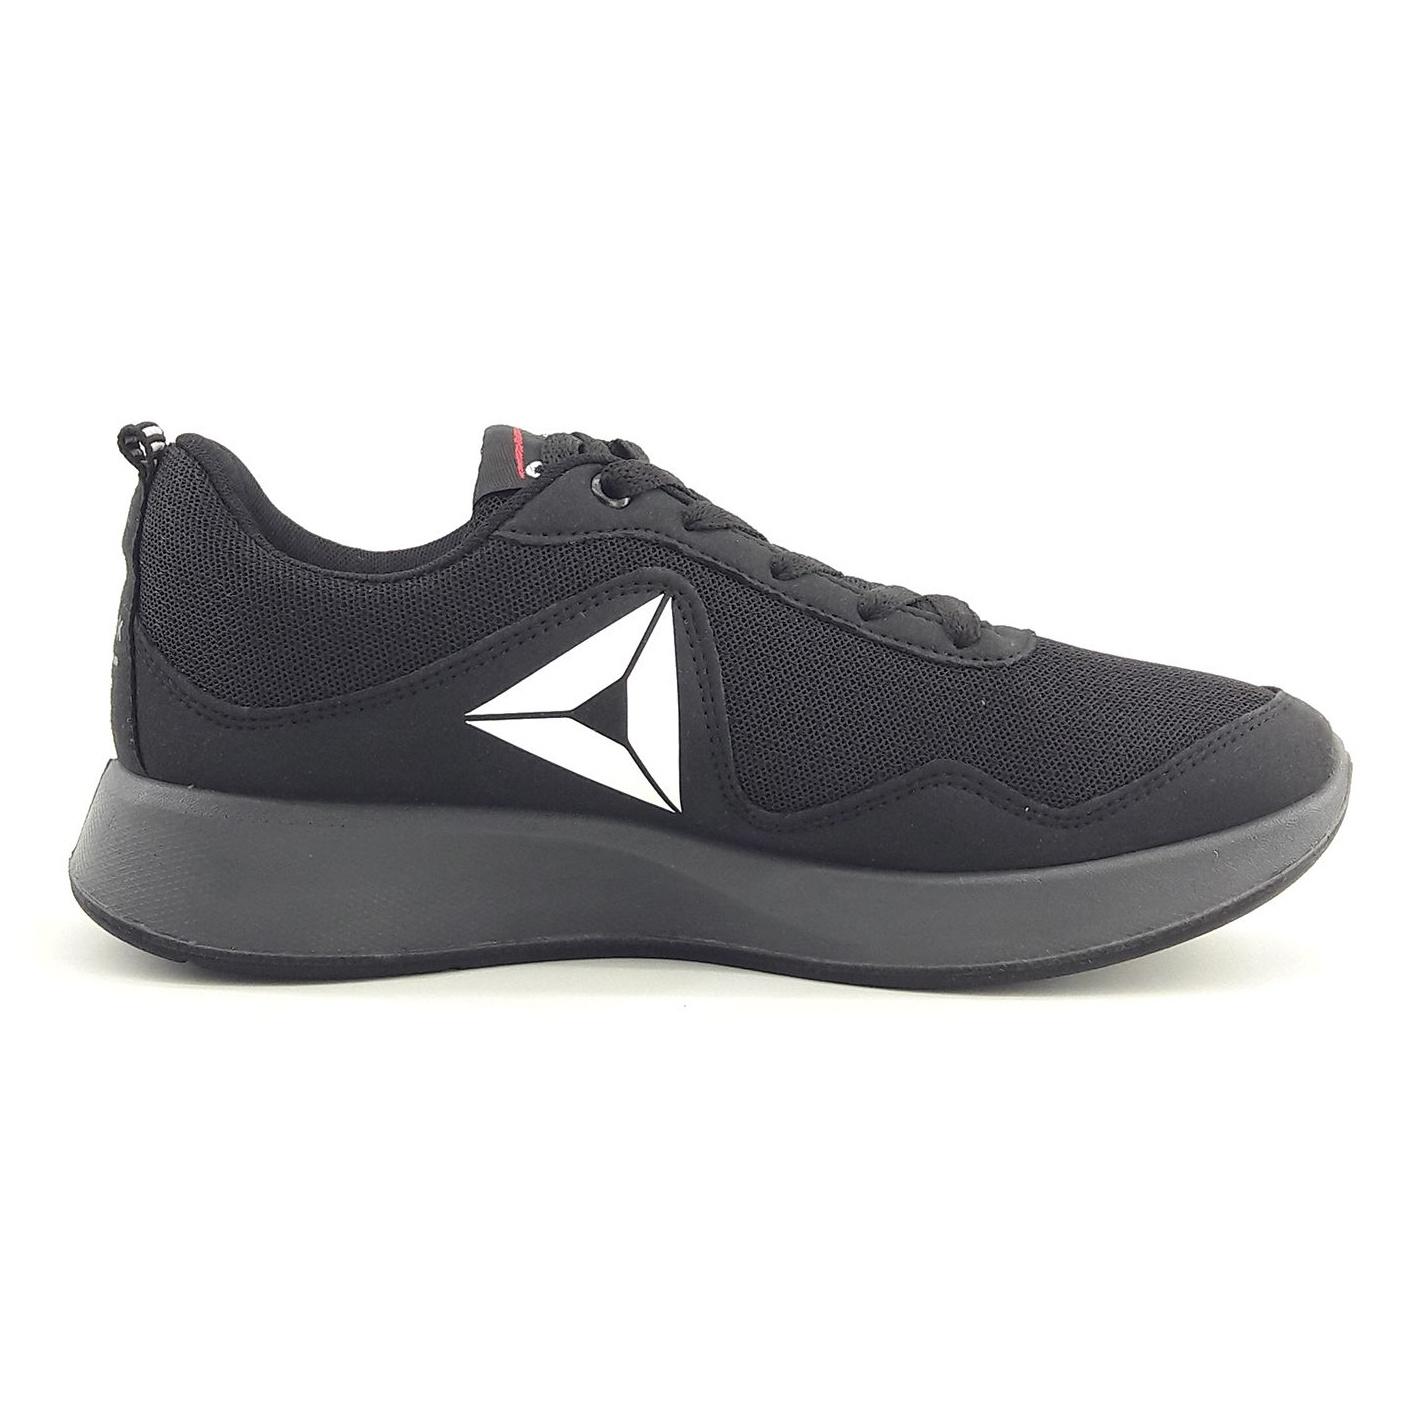 کفش مخصوص پیاده روی زنانه مدل Rb.rml.all bl-01